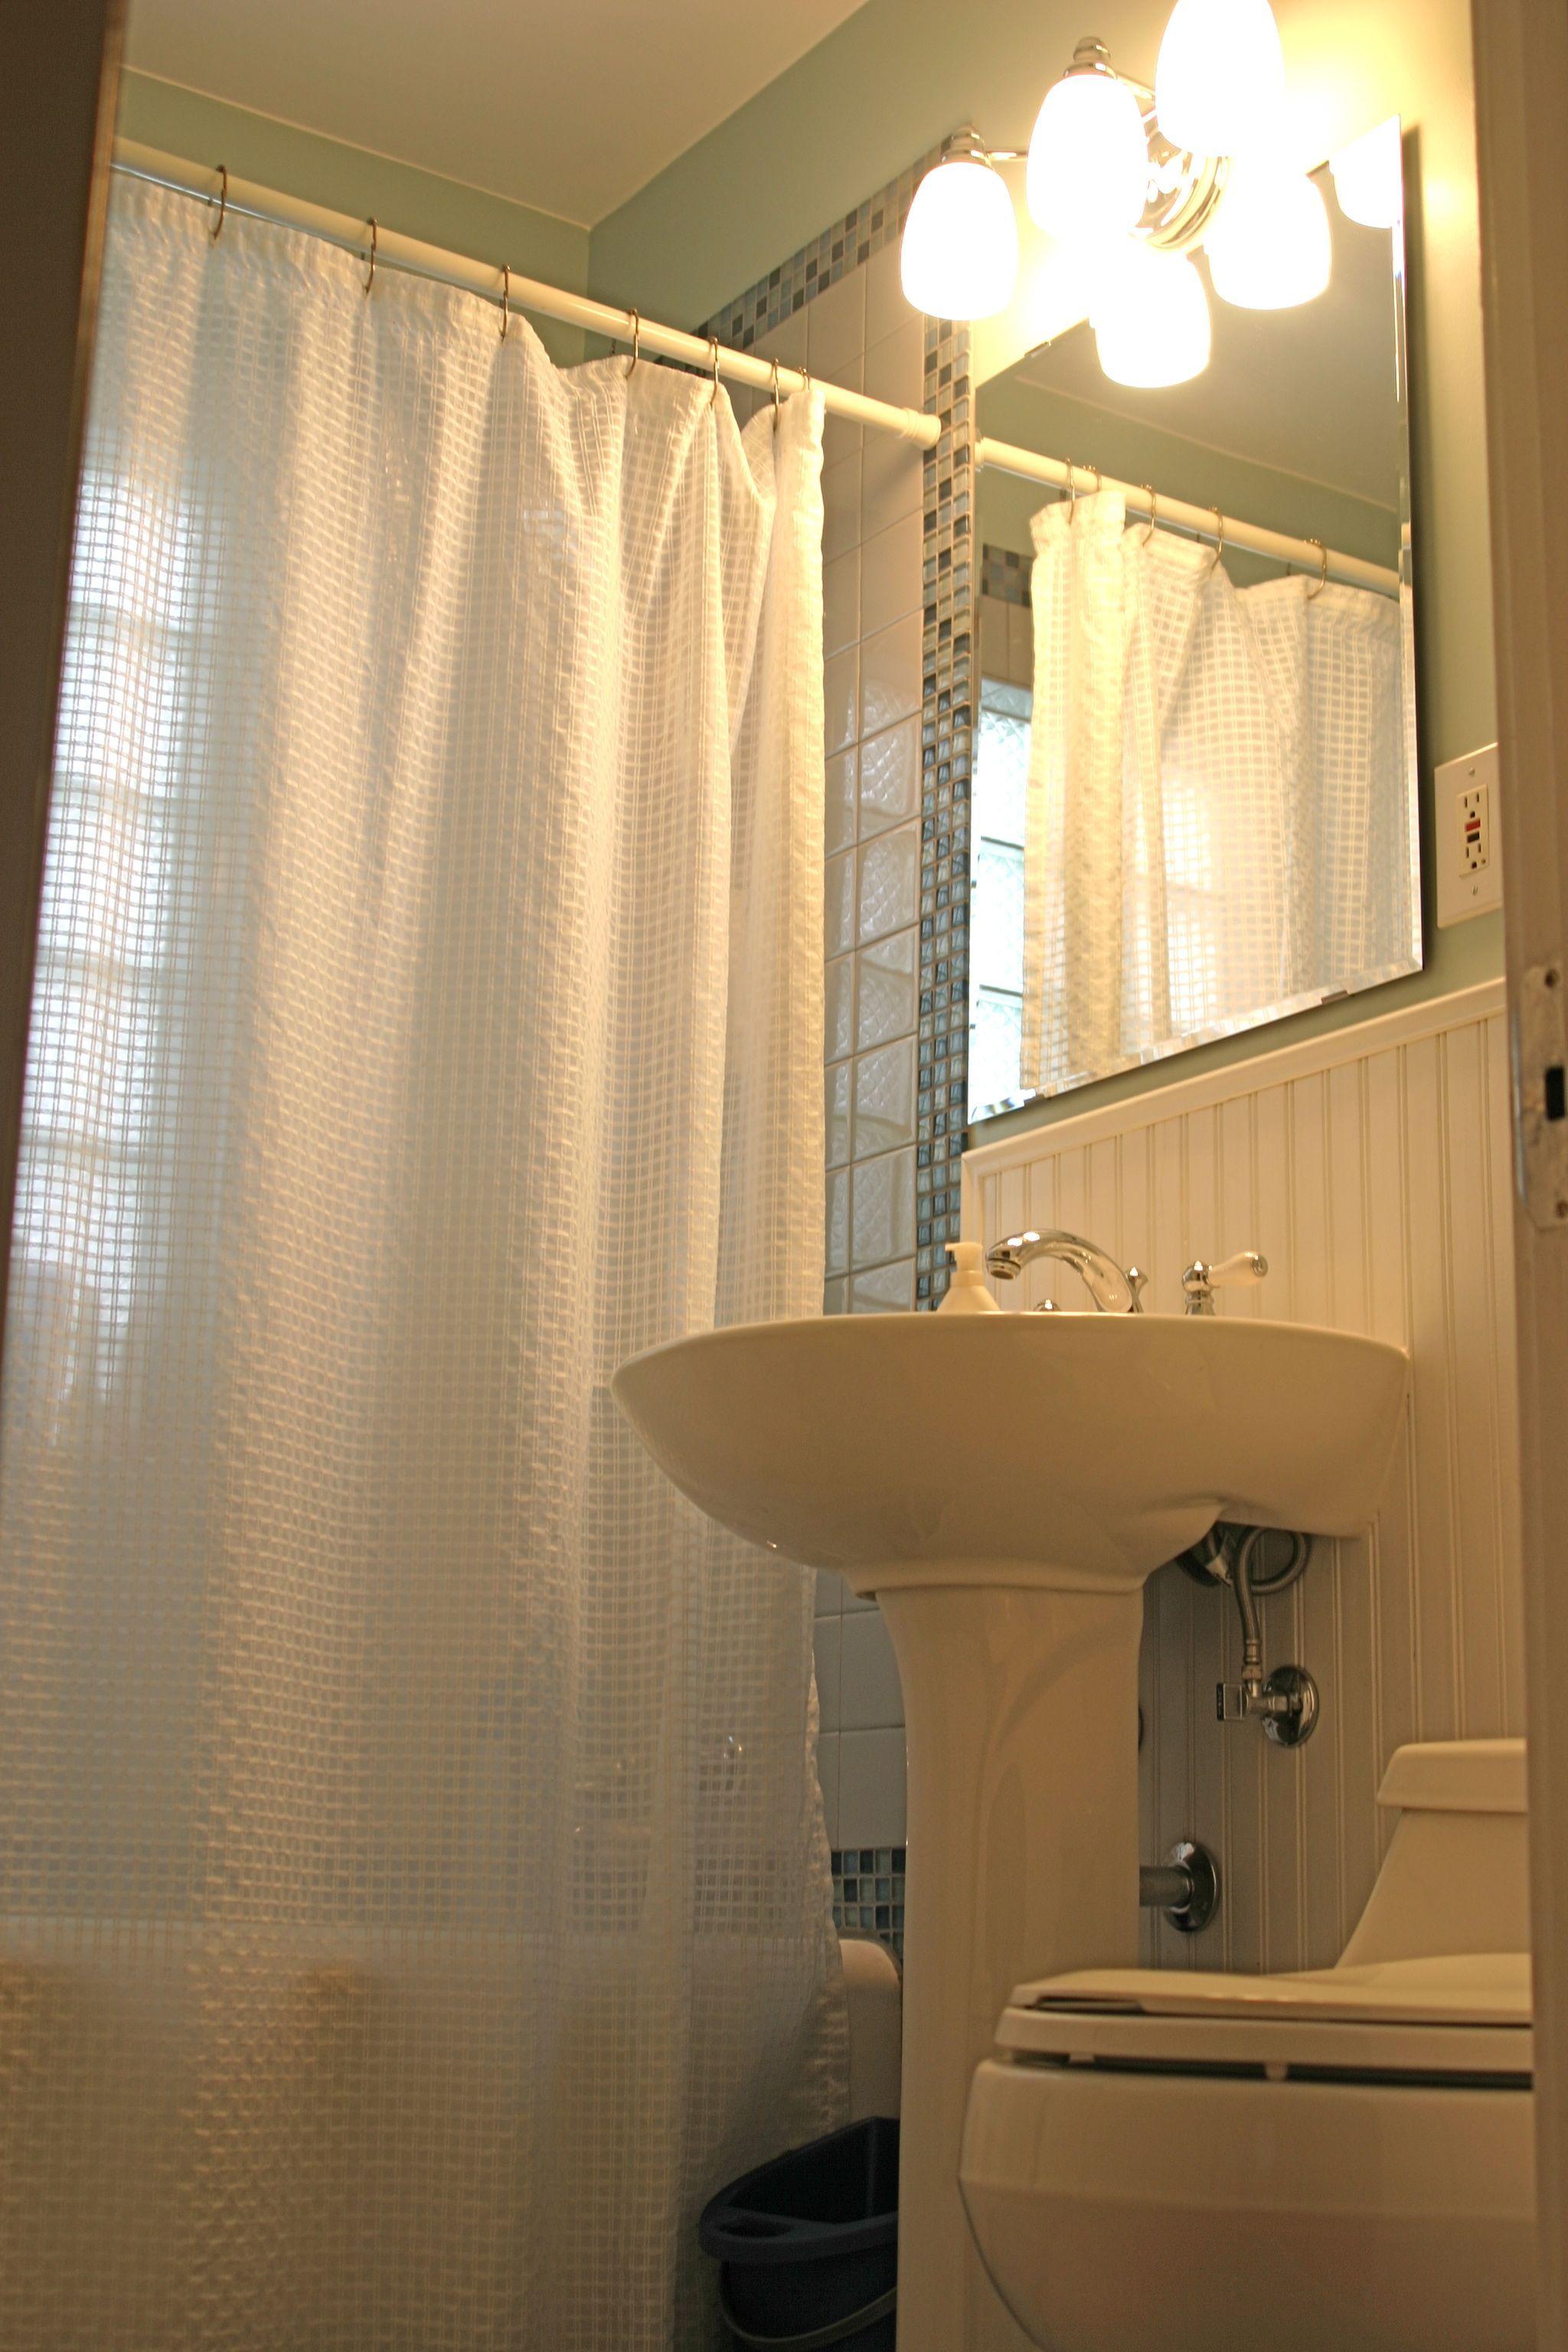 Bathroom Tile Board | Roquet Family Bathroom Remodel | Phil Carlson Custom  Woodcraft LLC Part 77